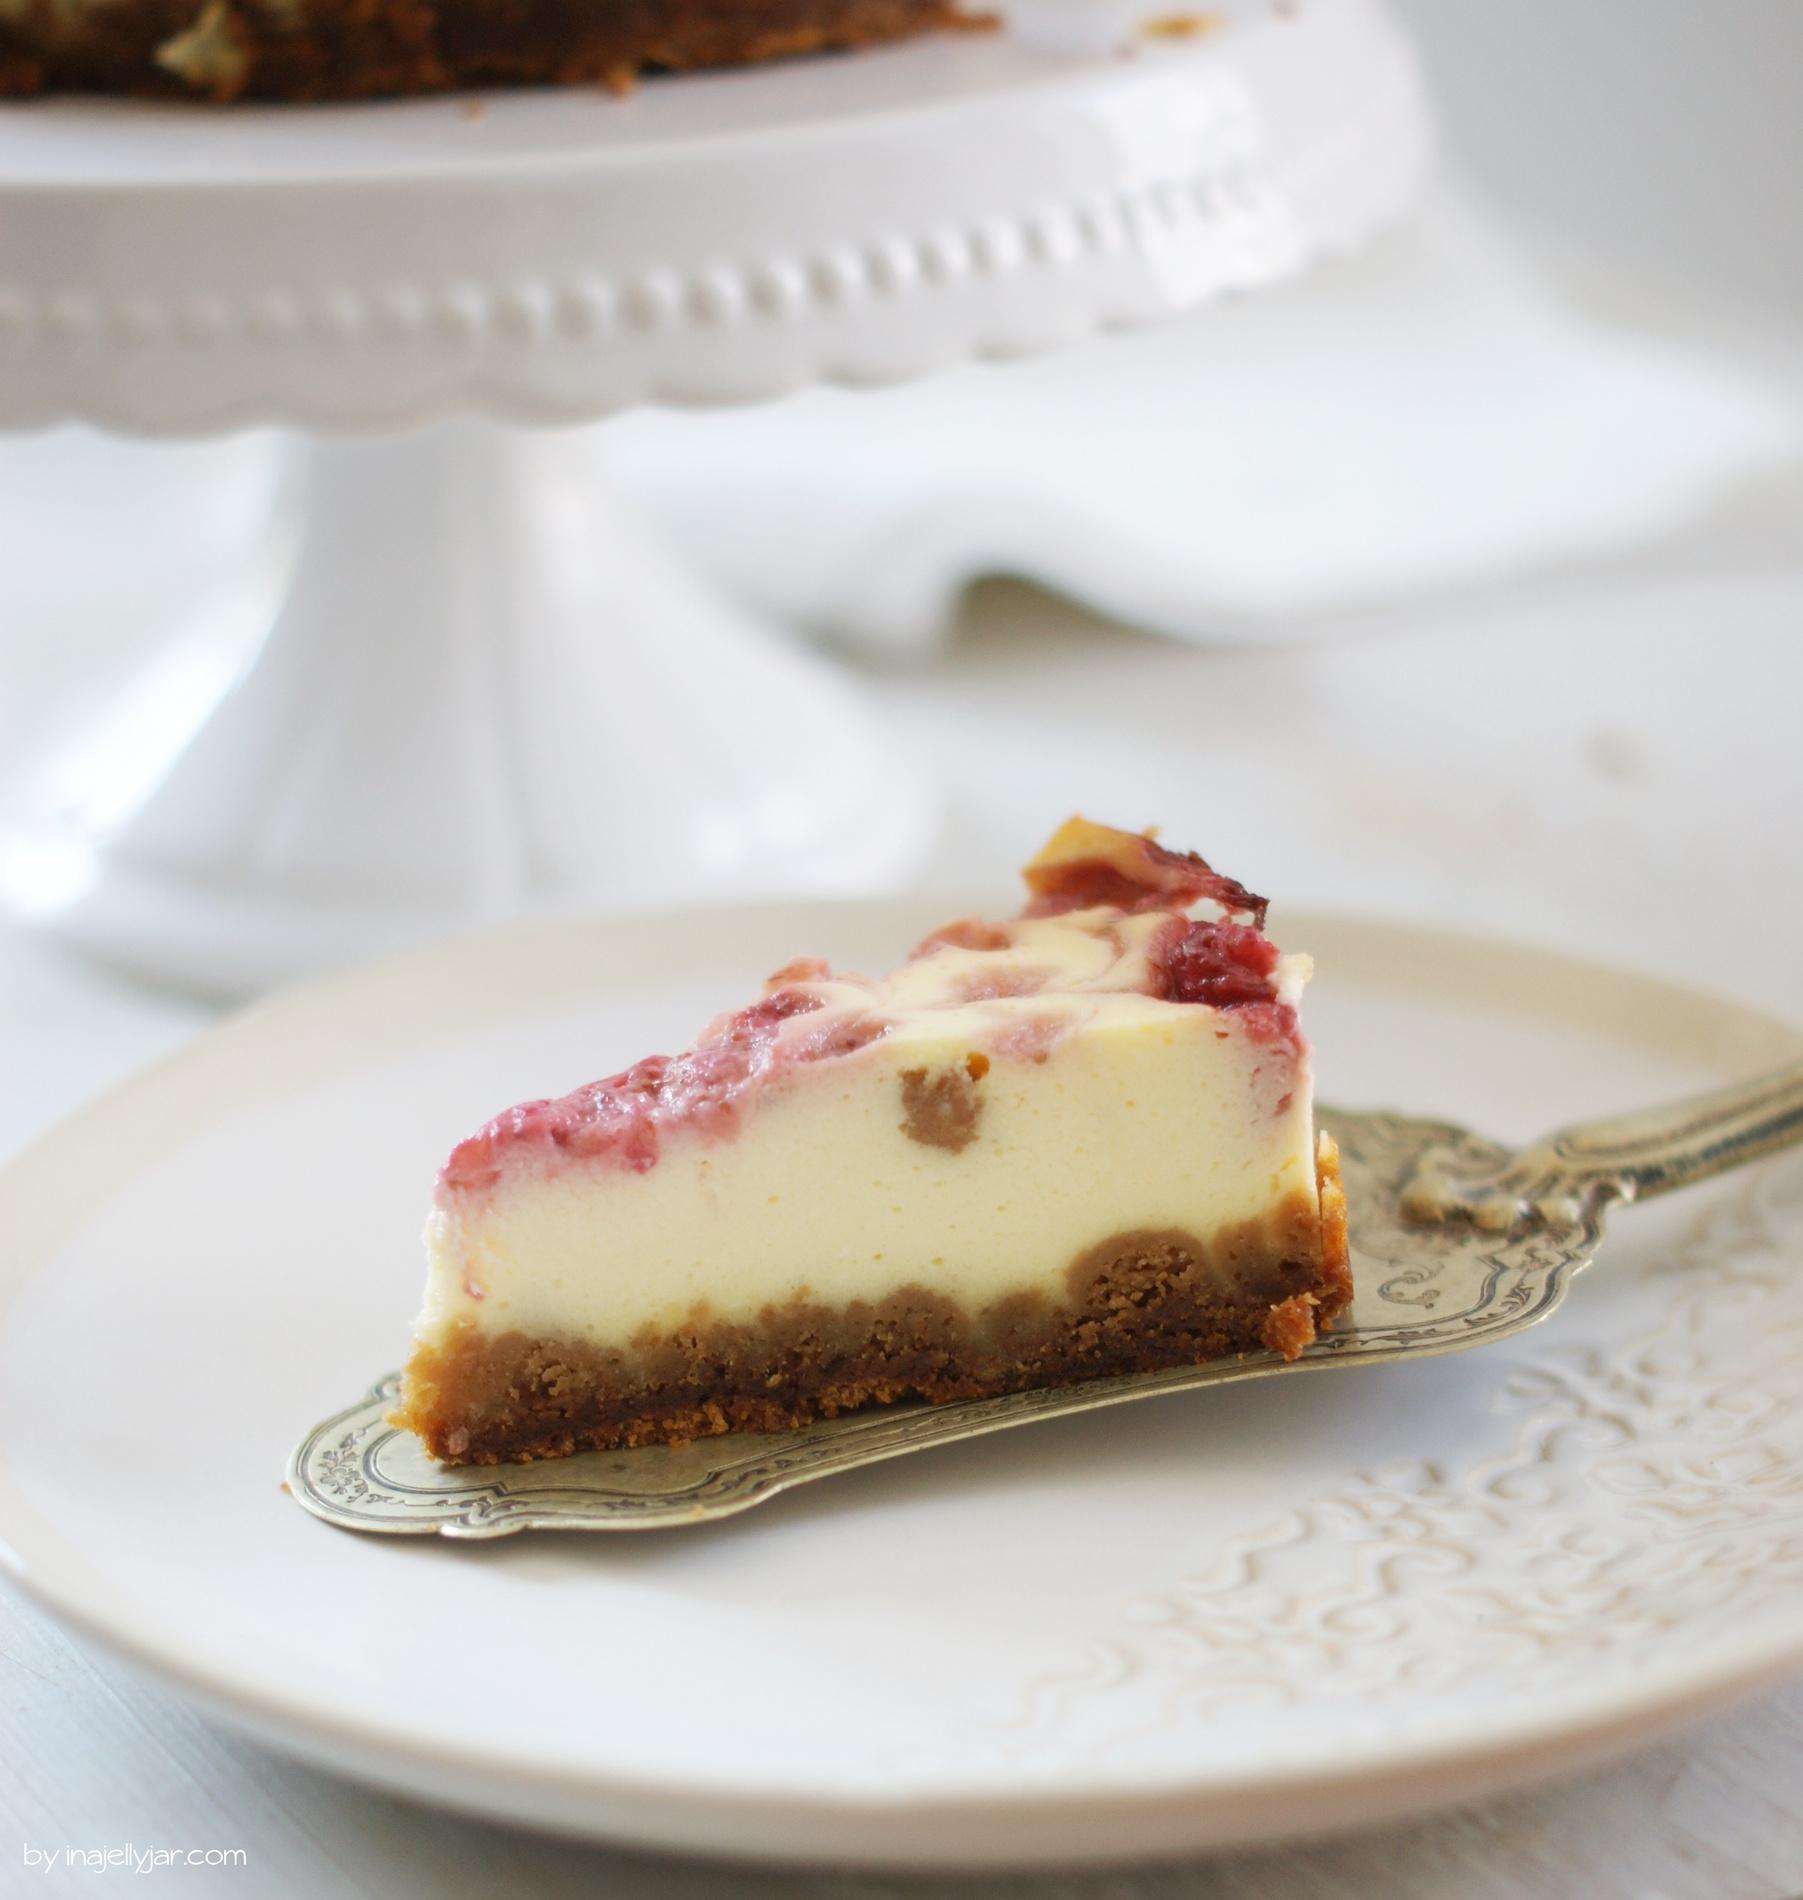 Ein Stück Cheesecake mit Erdbeeren